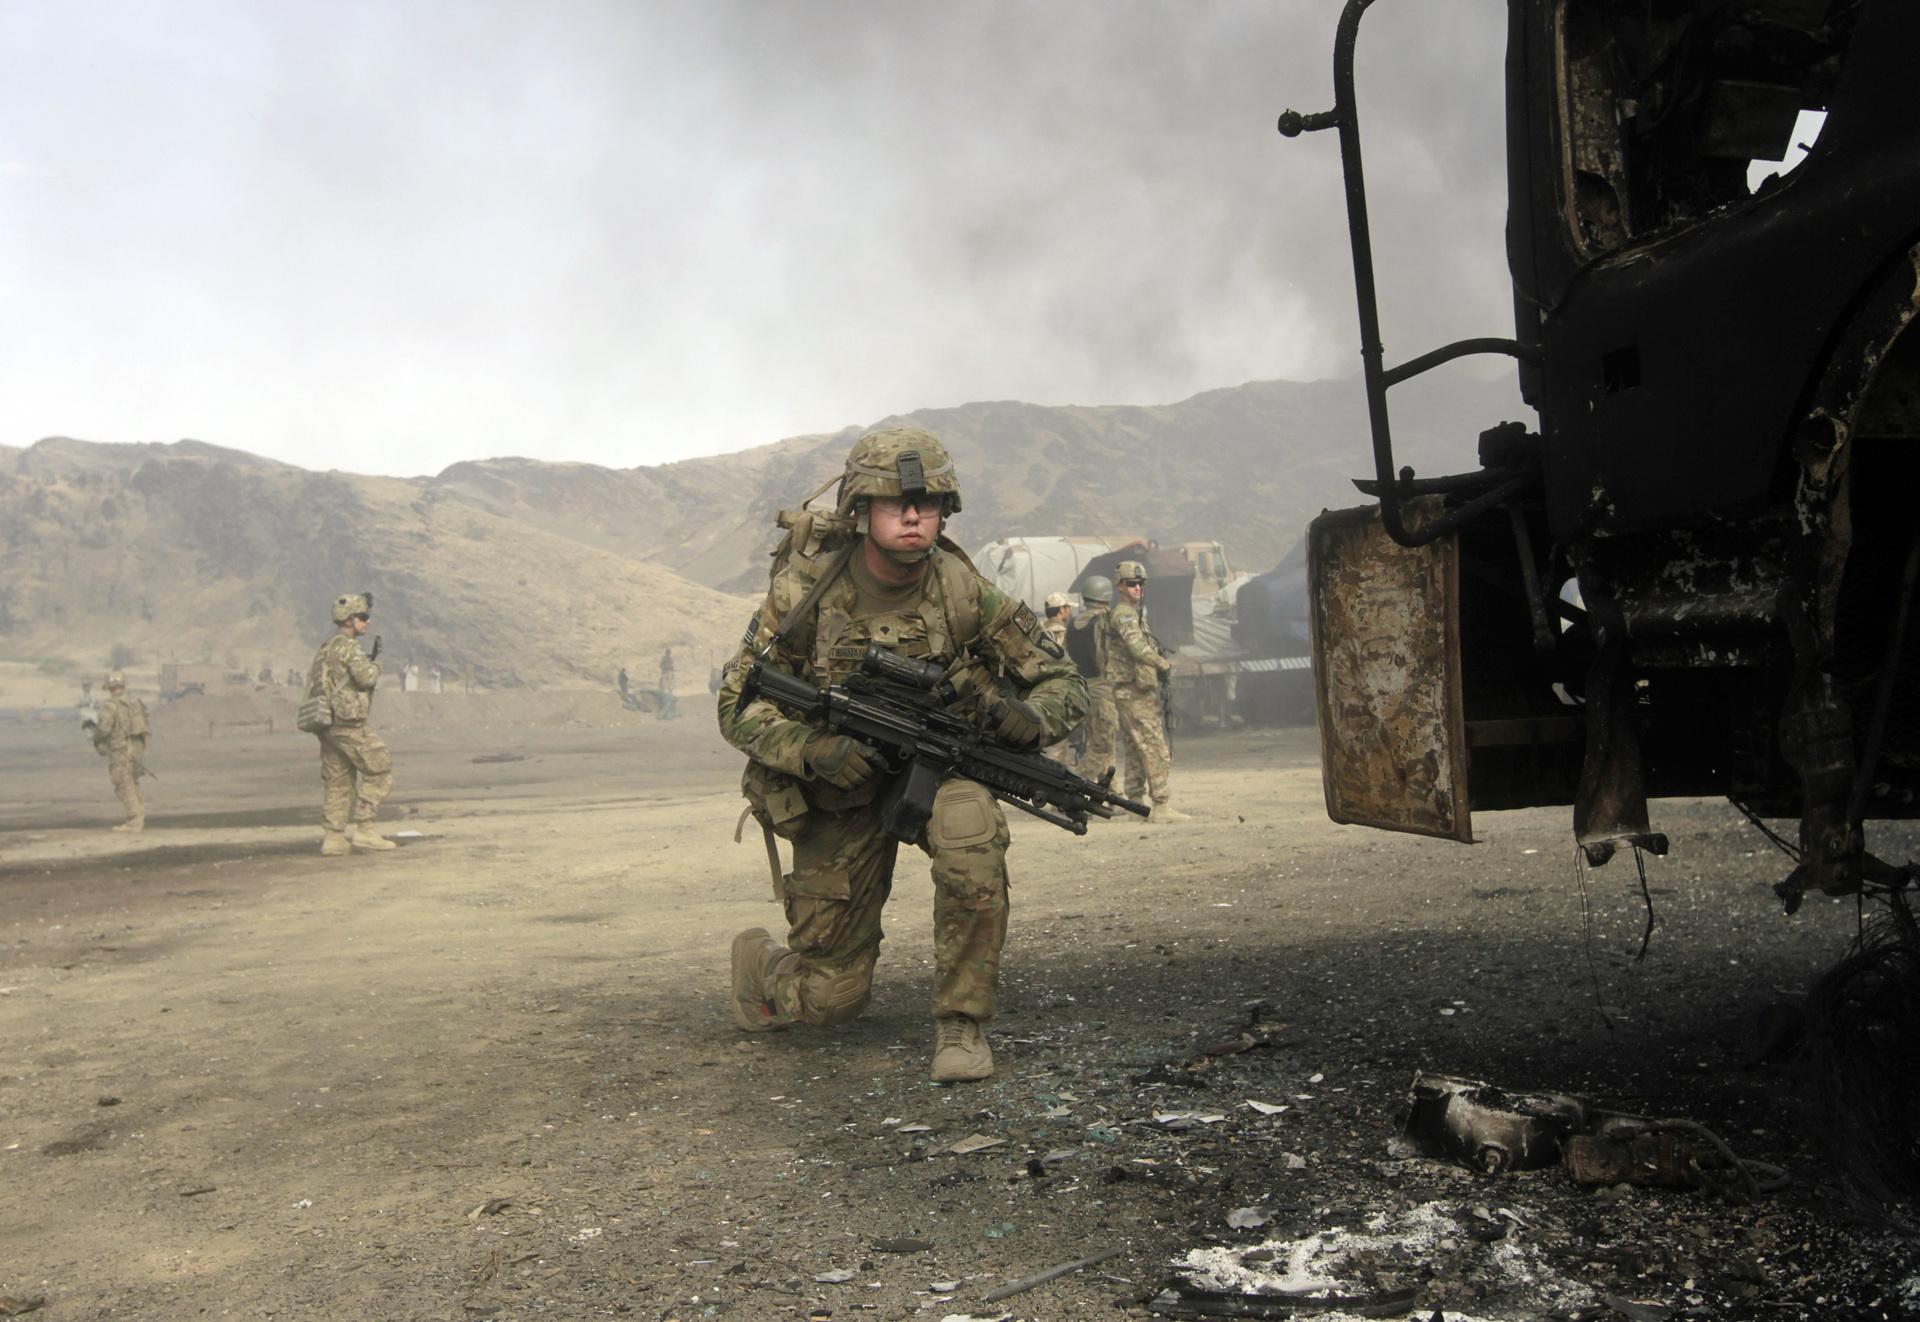 Самая долгая война в истории США: почему Белый дом заявил о планах сократить присутствие в Афганистане